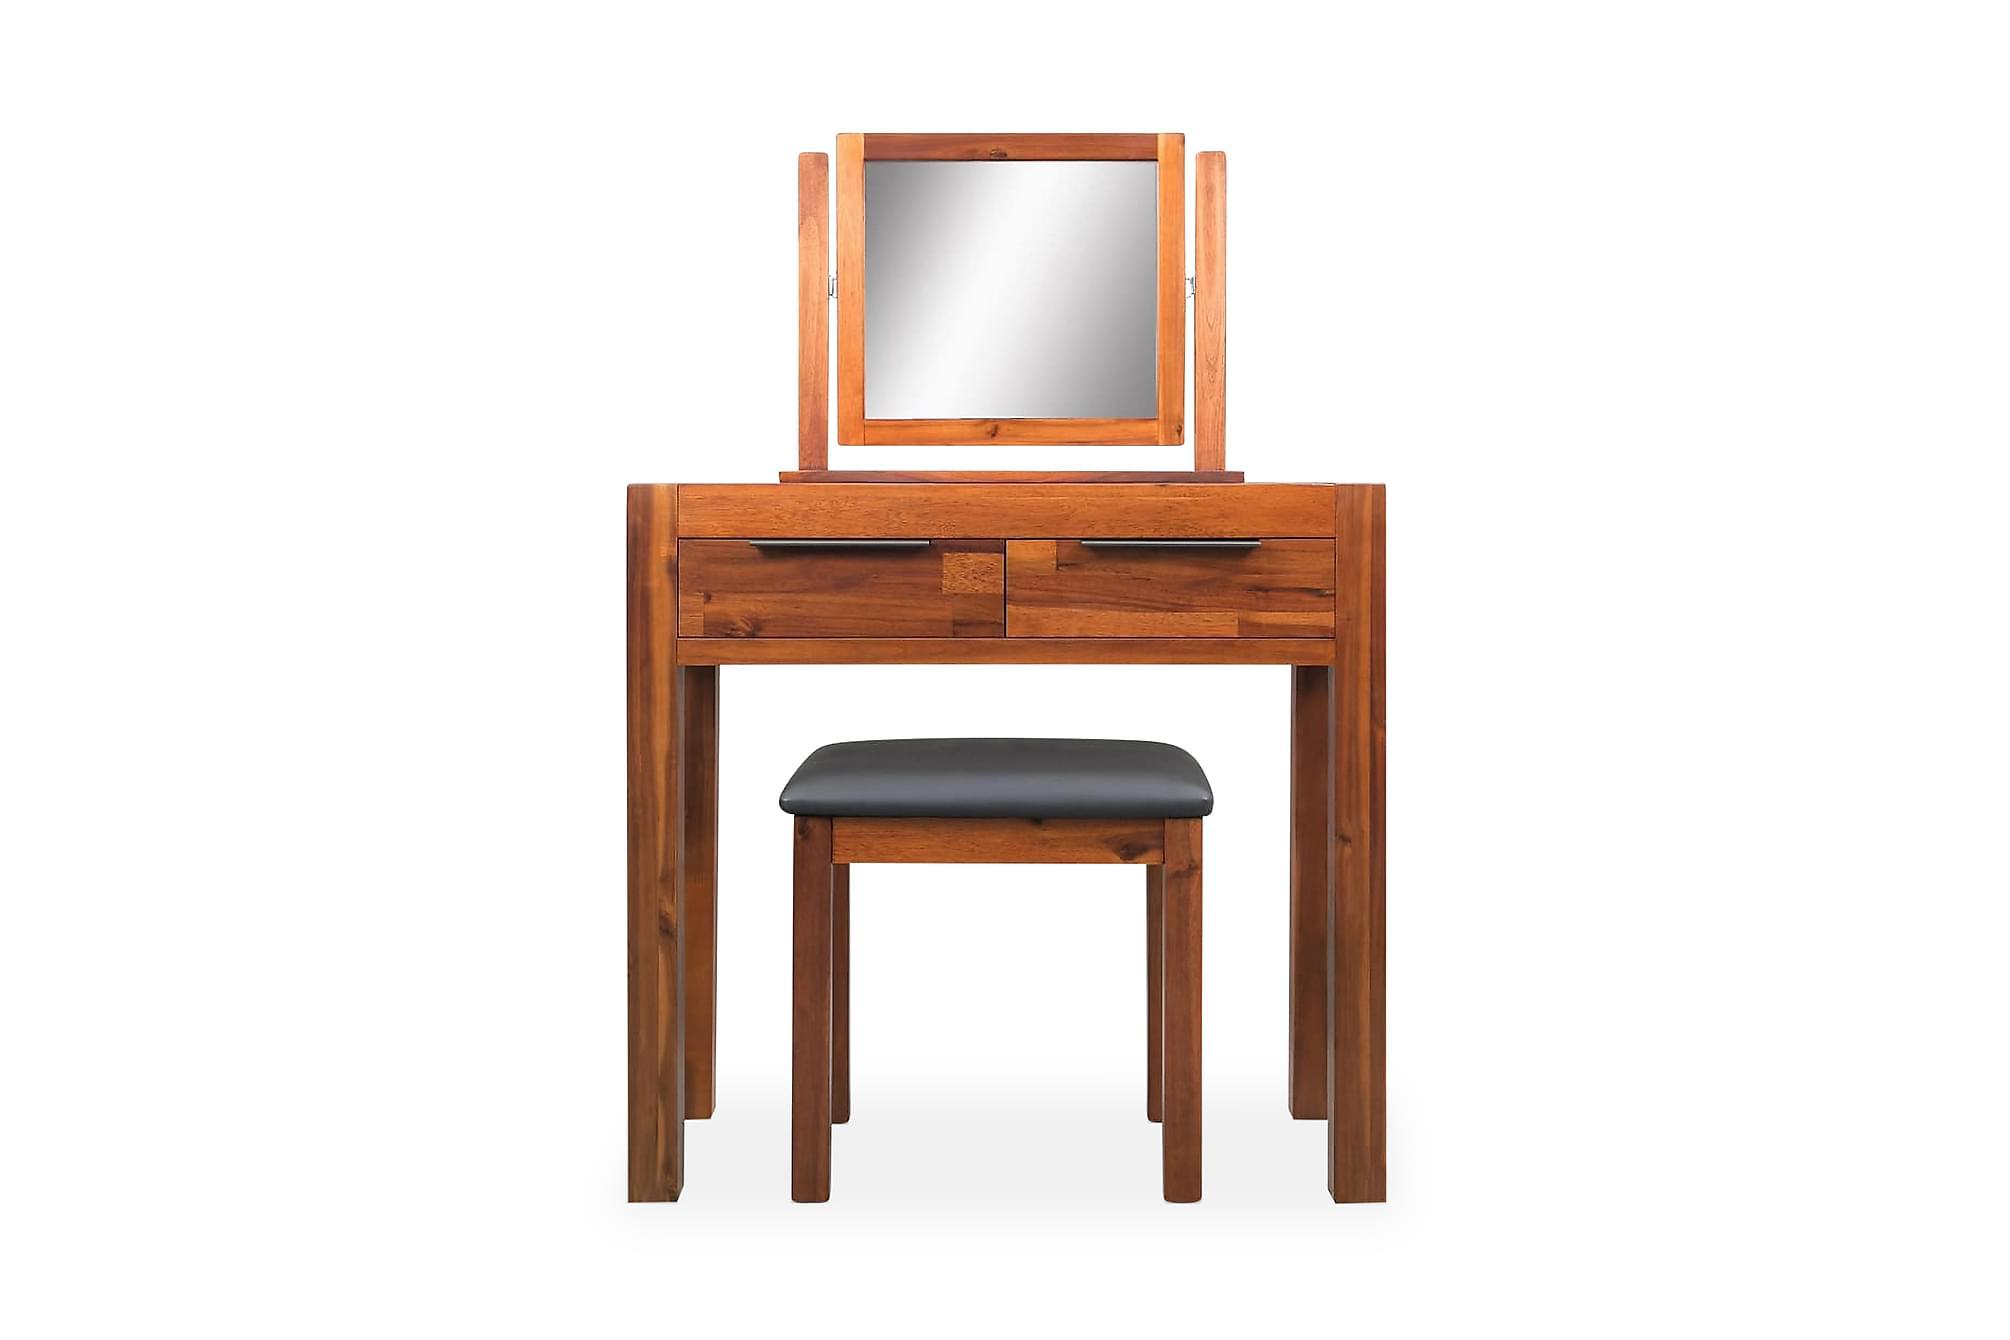 Sminkbord med pall och spegel massivt akaciaträ, Sminkbord